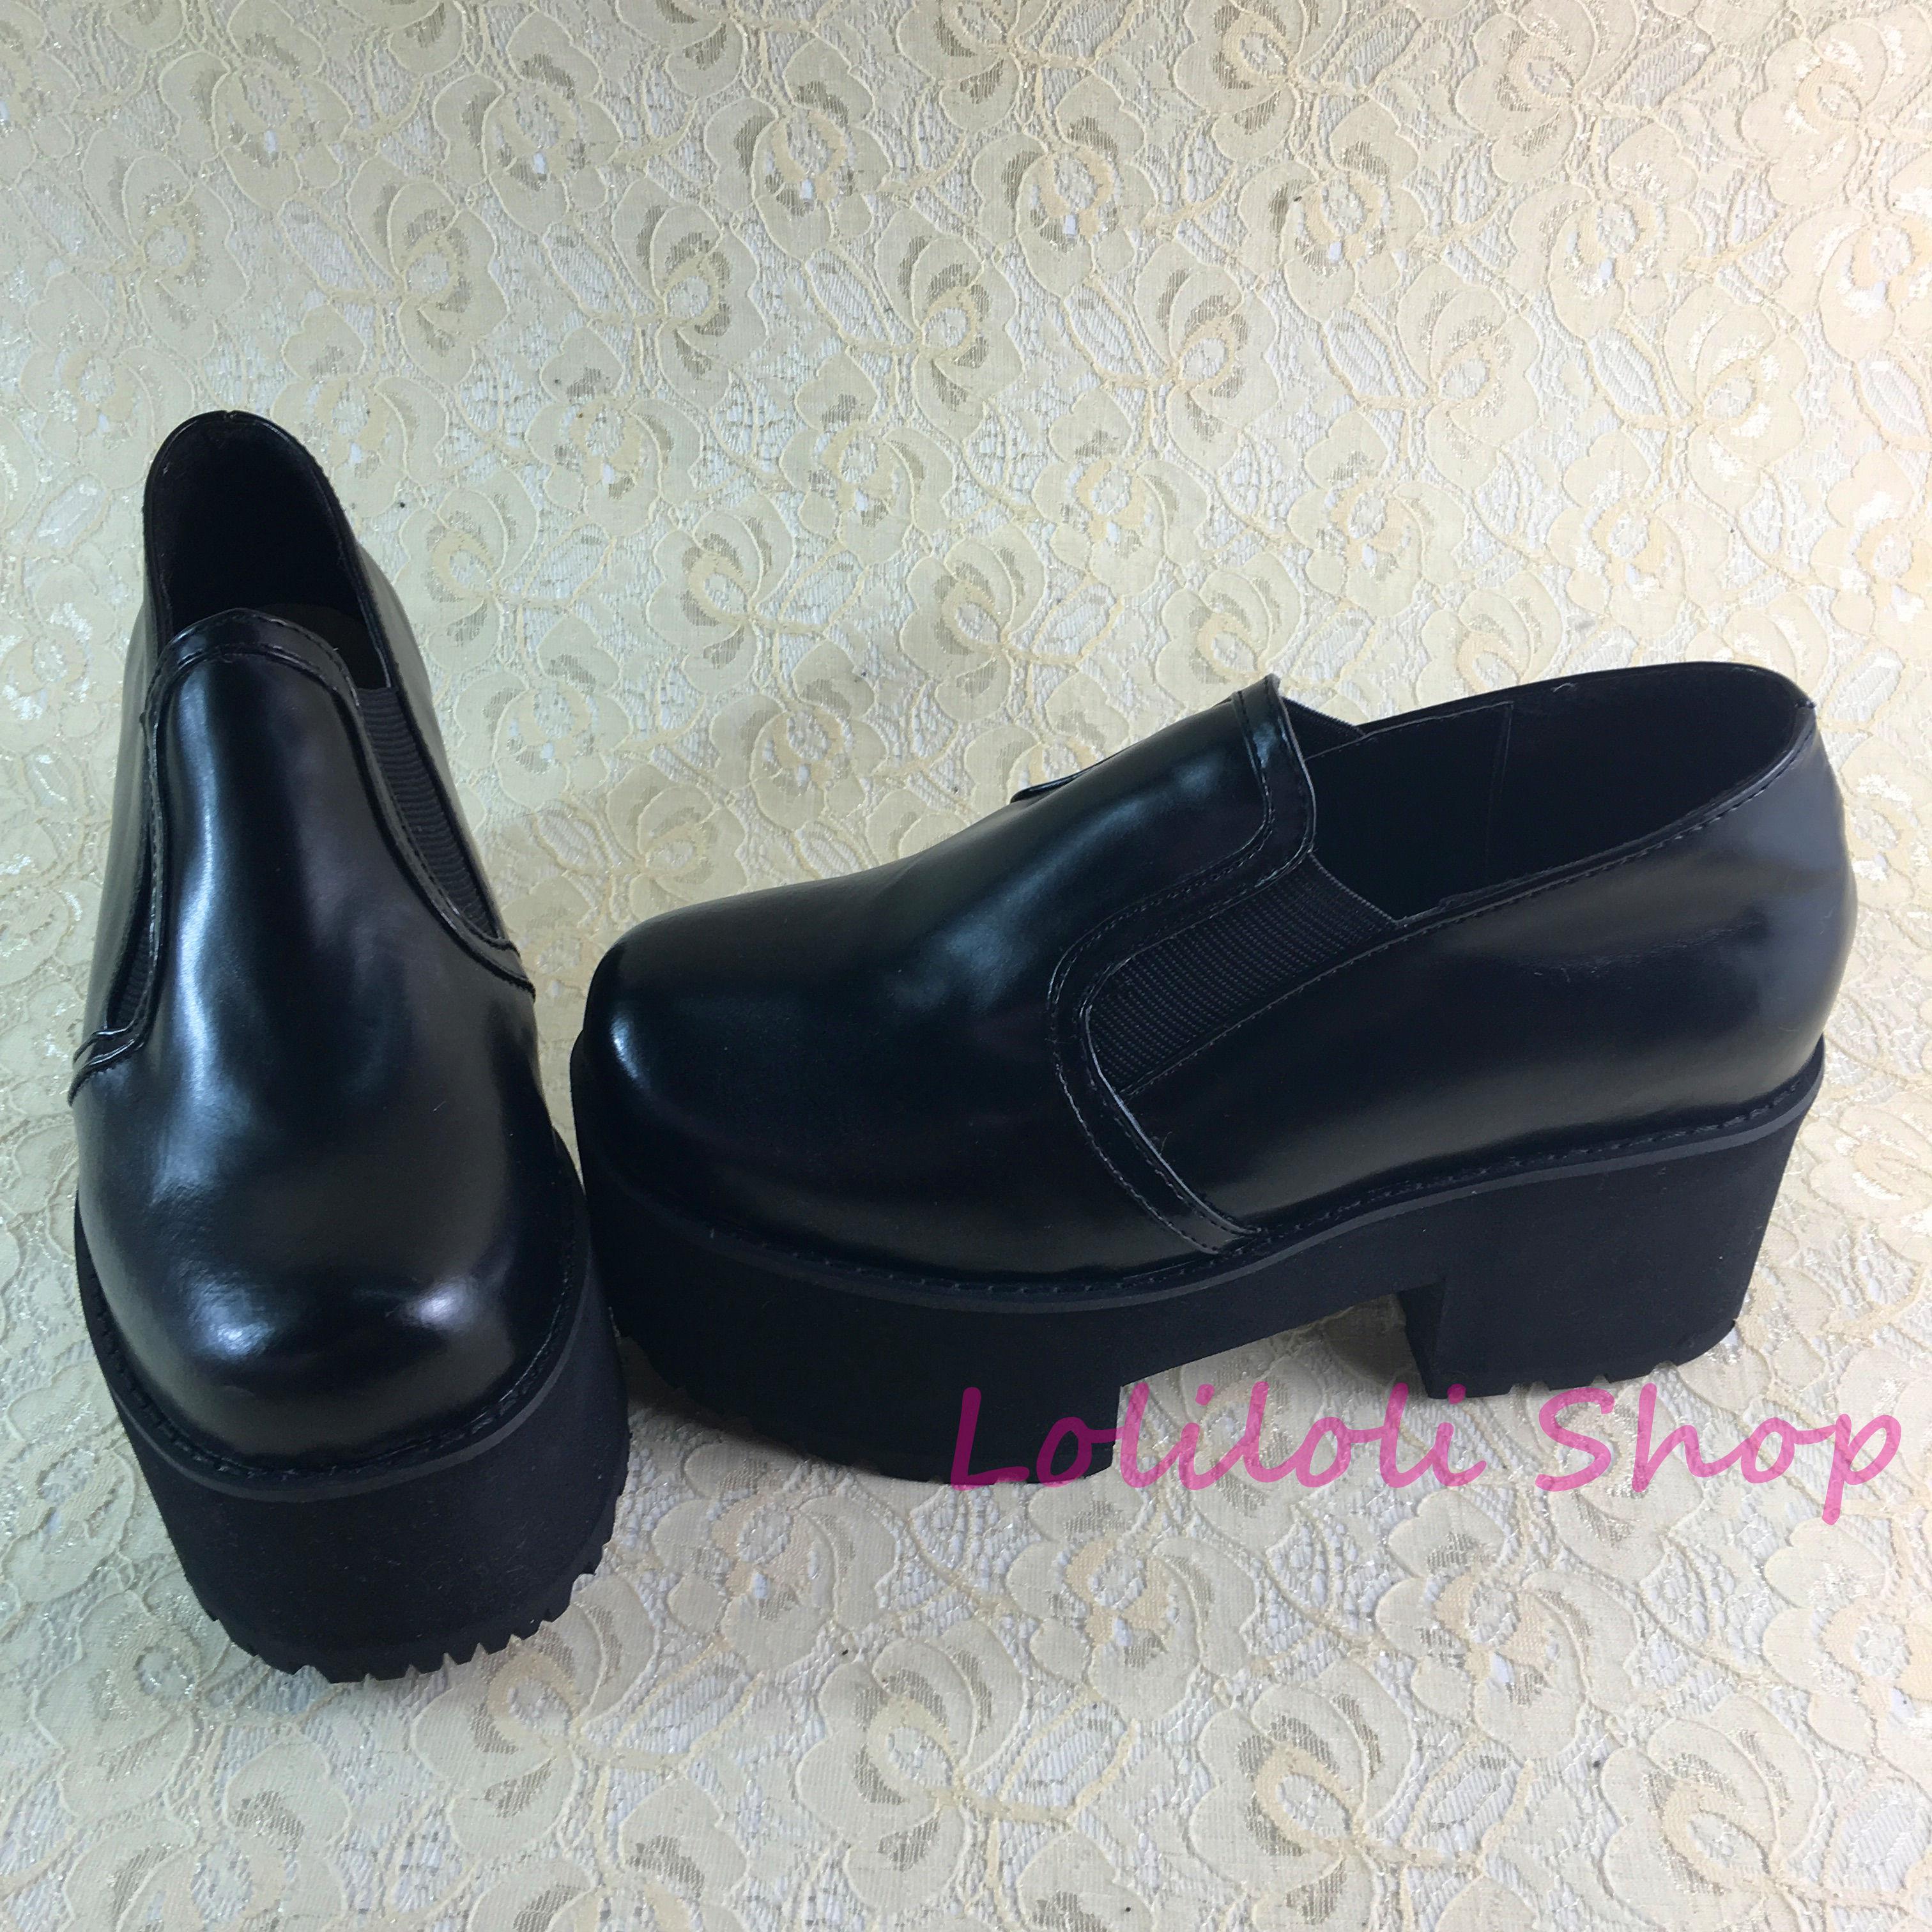 Loliloliyoyo 1 sur Doux Personnalisé Talon Noir Gothique Lolita Sauter Chaussures Peau multi Antaina 5125n Brillant Épais Princesse Noir IHRwqq